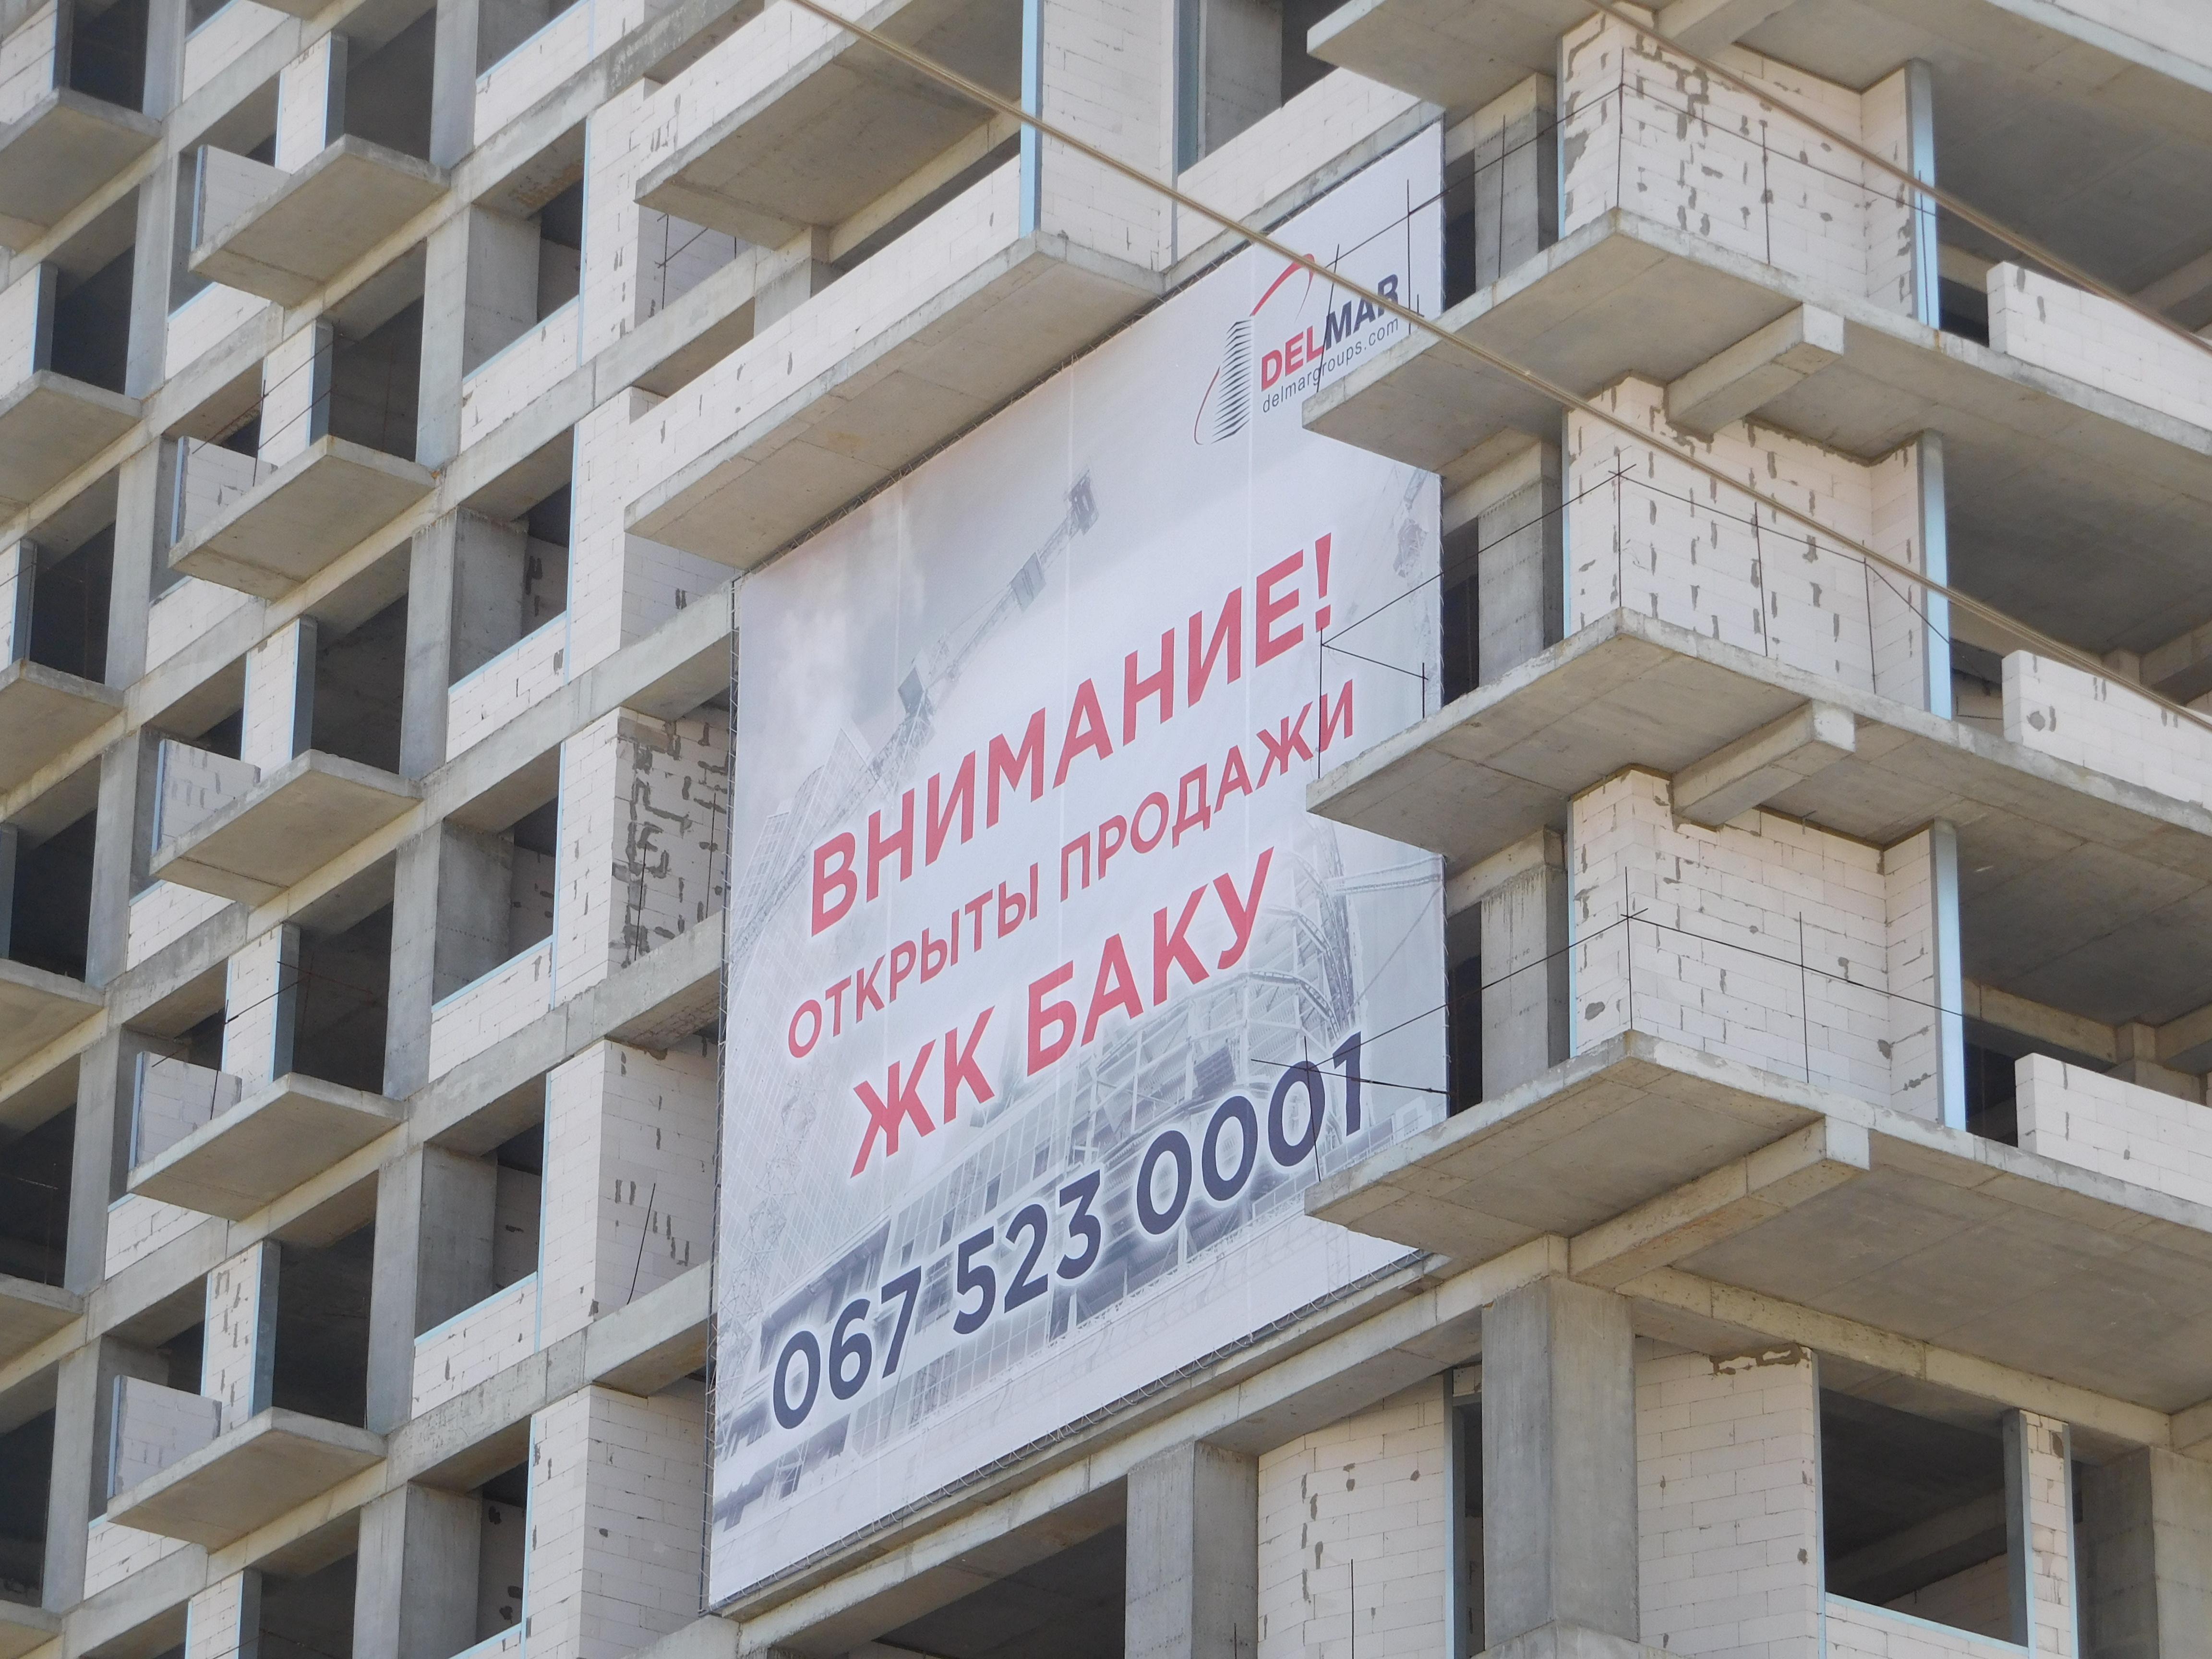 Строительство ЖК Баку — Днепр, 07.05.2017